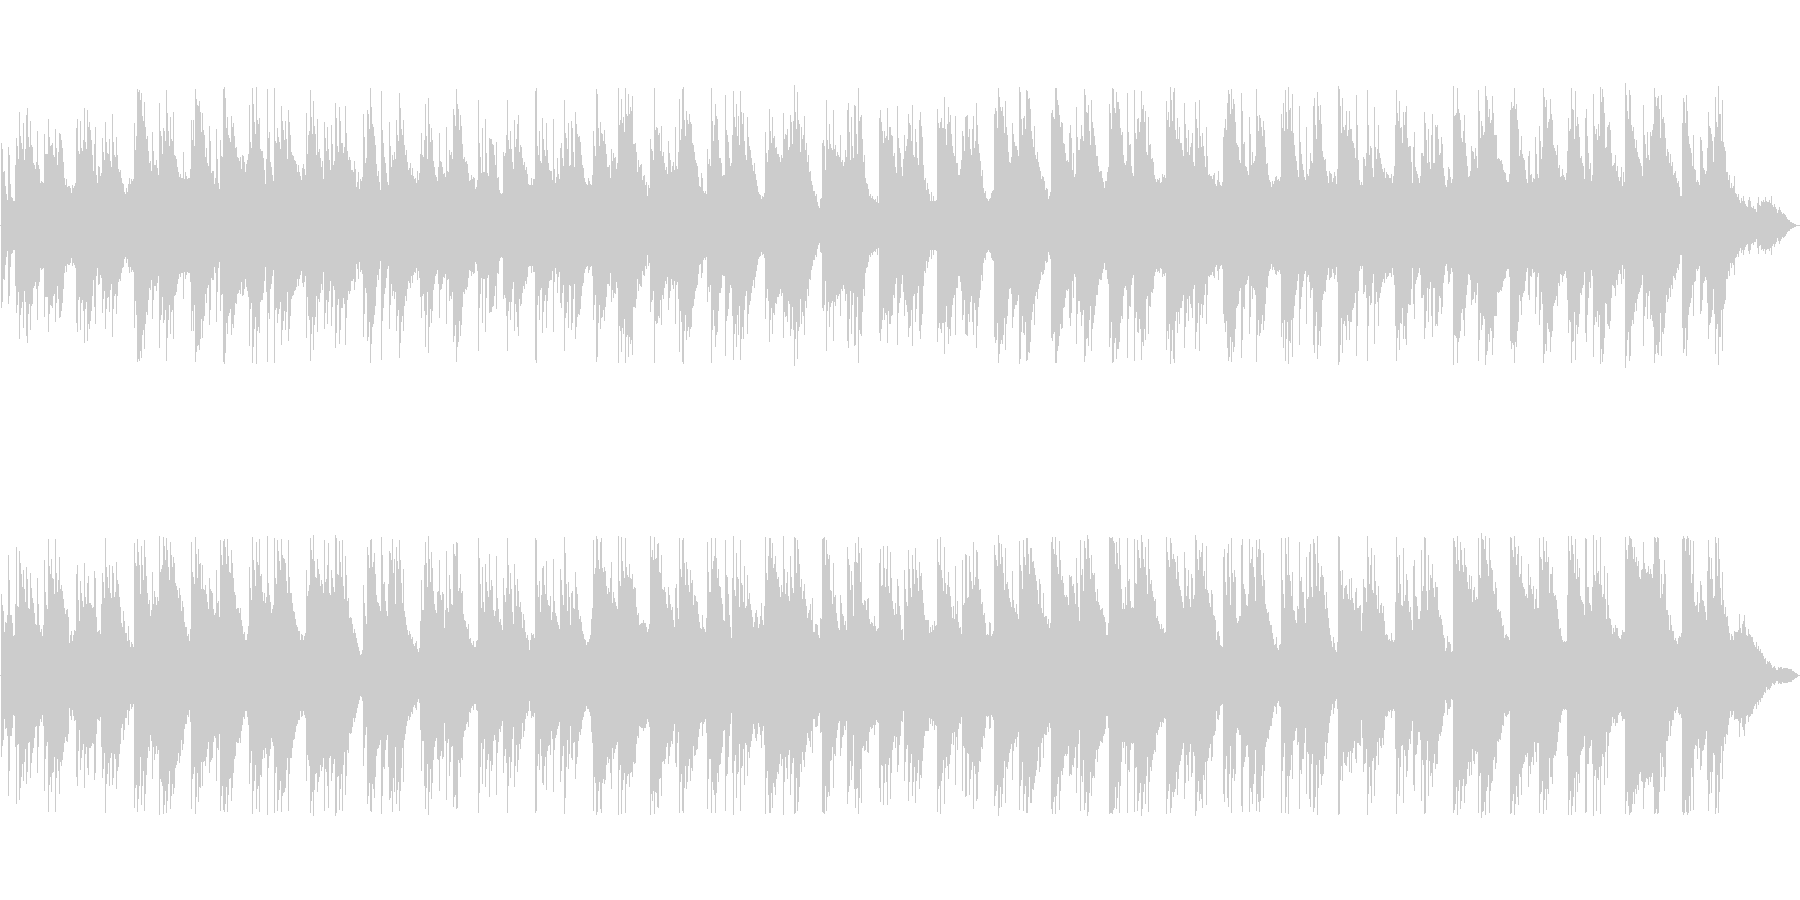 アコースティックな構成のアンビエントの未再生の波形